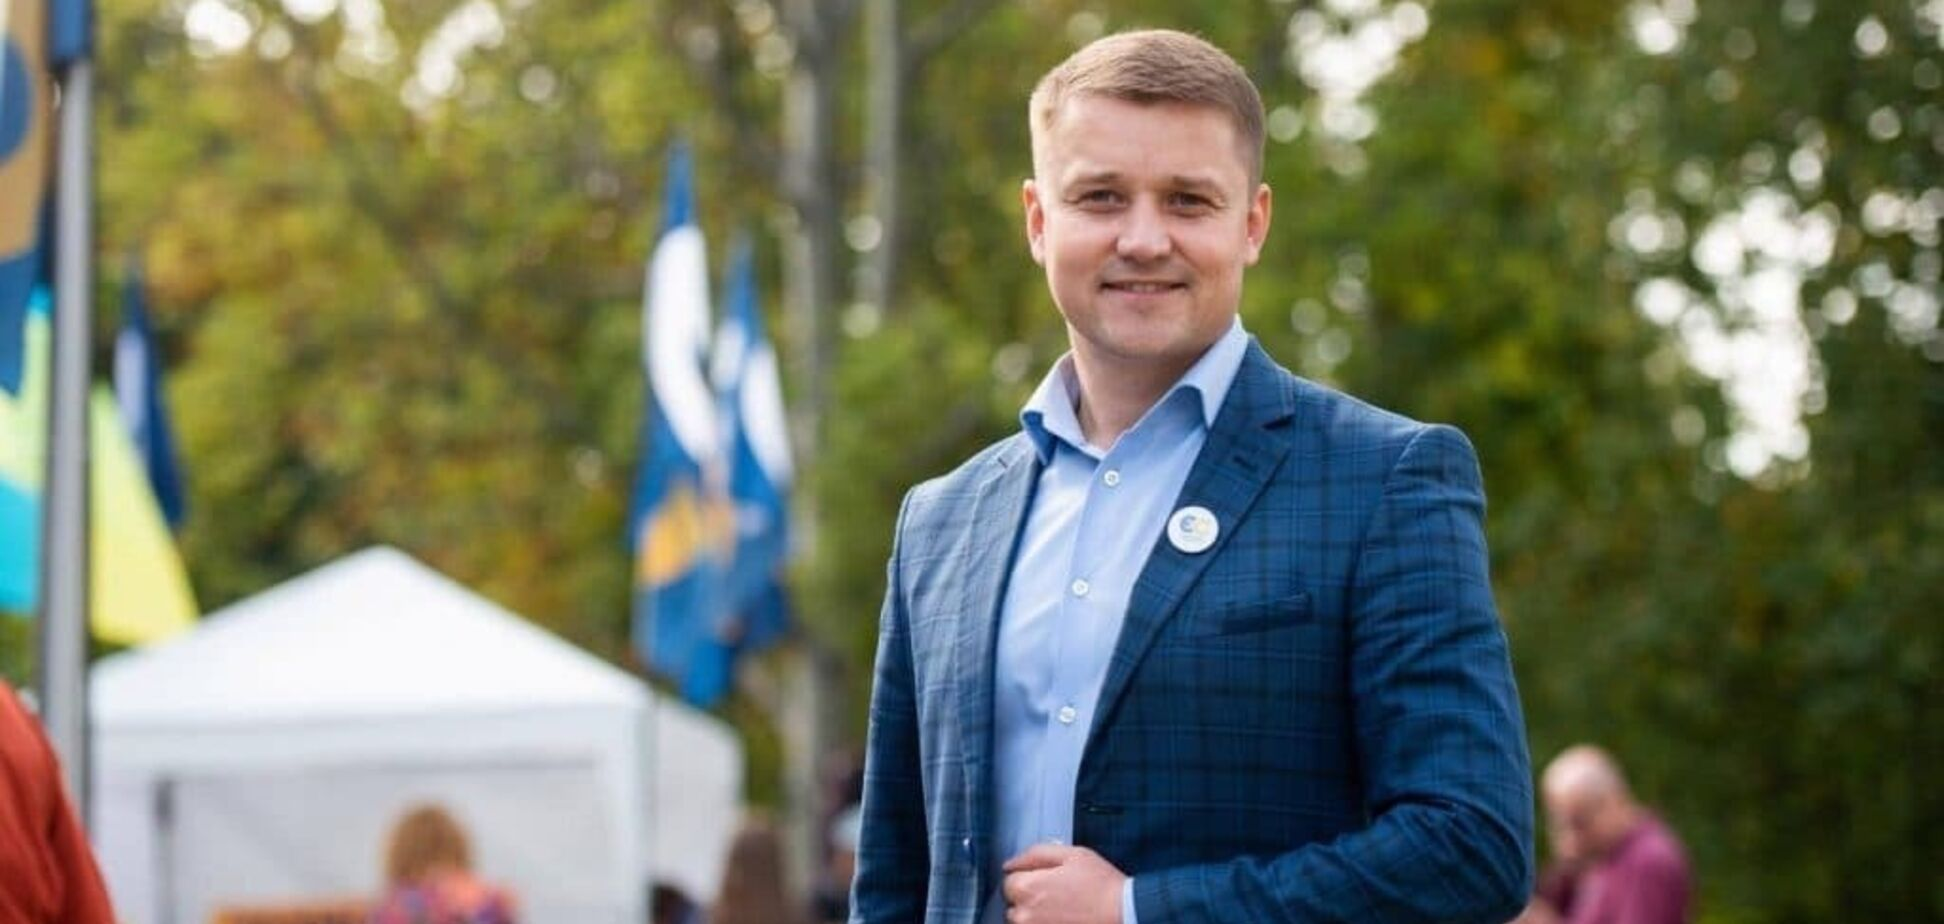 Третьяк выигрывает выборы мэра Ривне – подсчет 'ЕС'